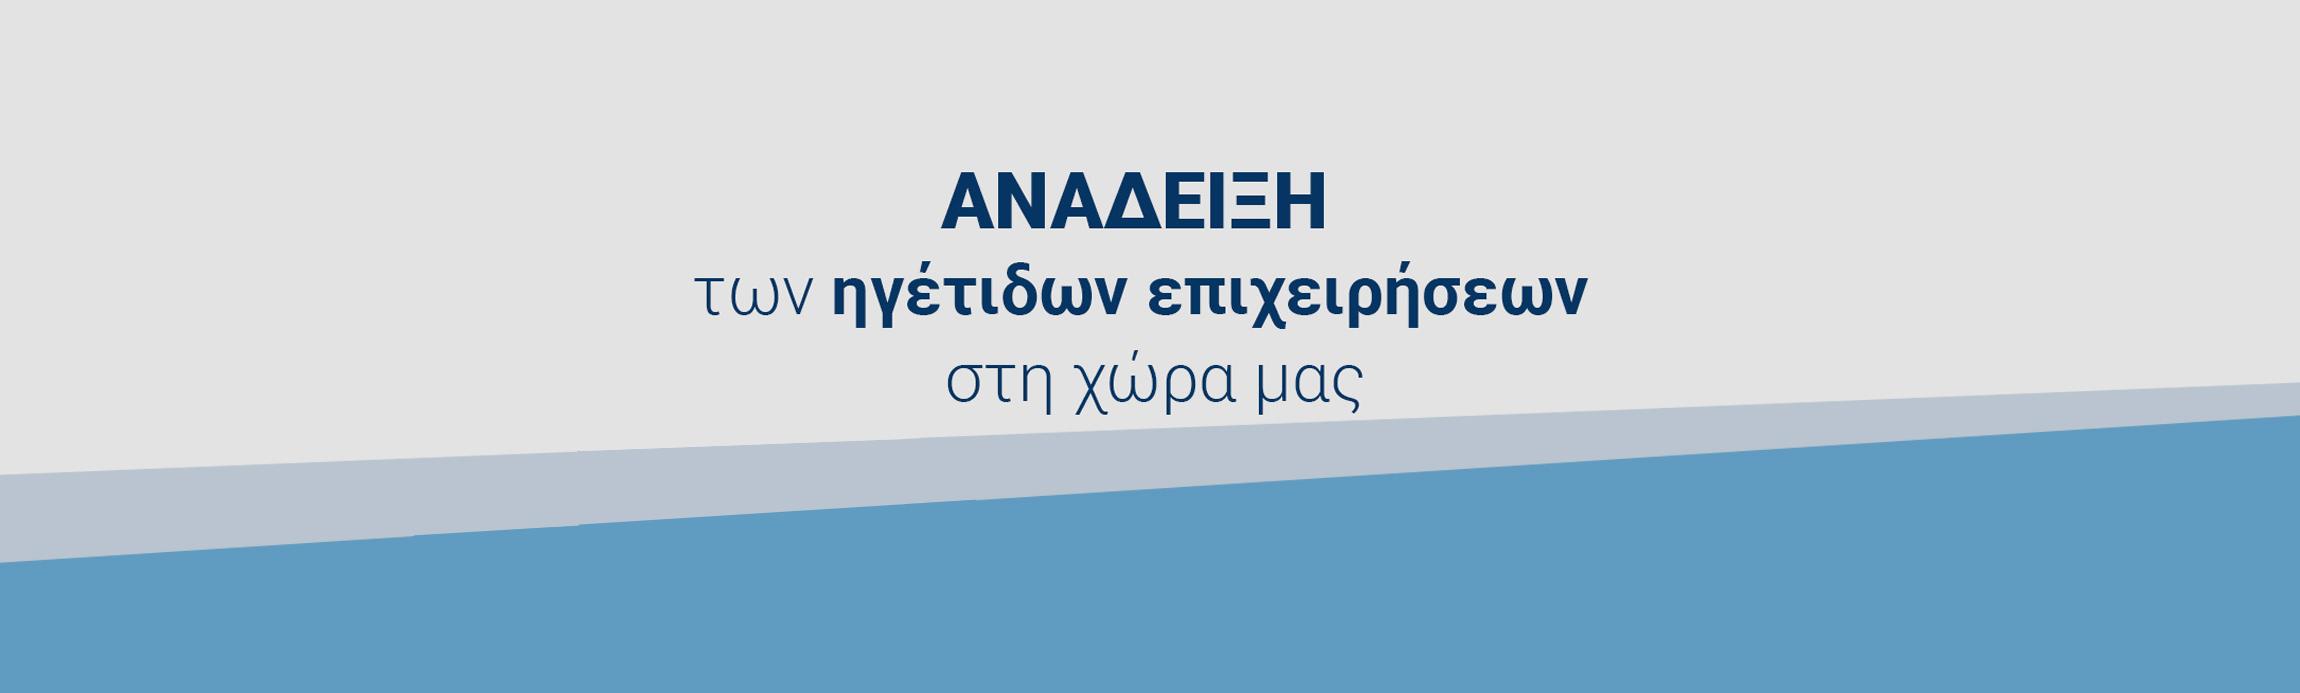 ανάδειξη των ηγέτιδων επιχειρήσεων στη χώρα μας